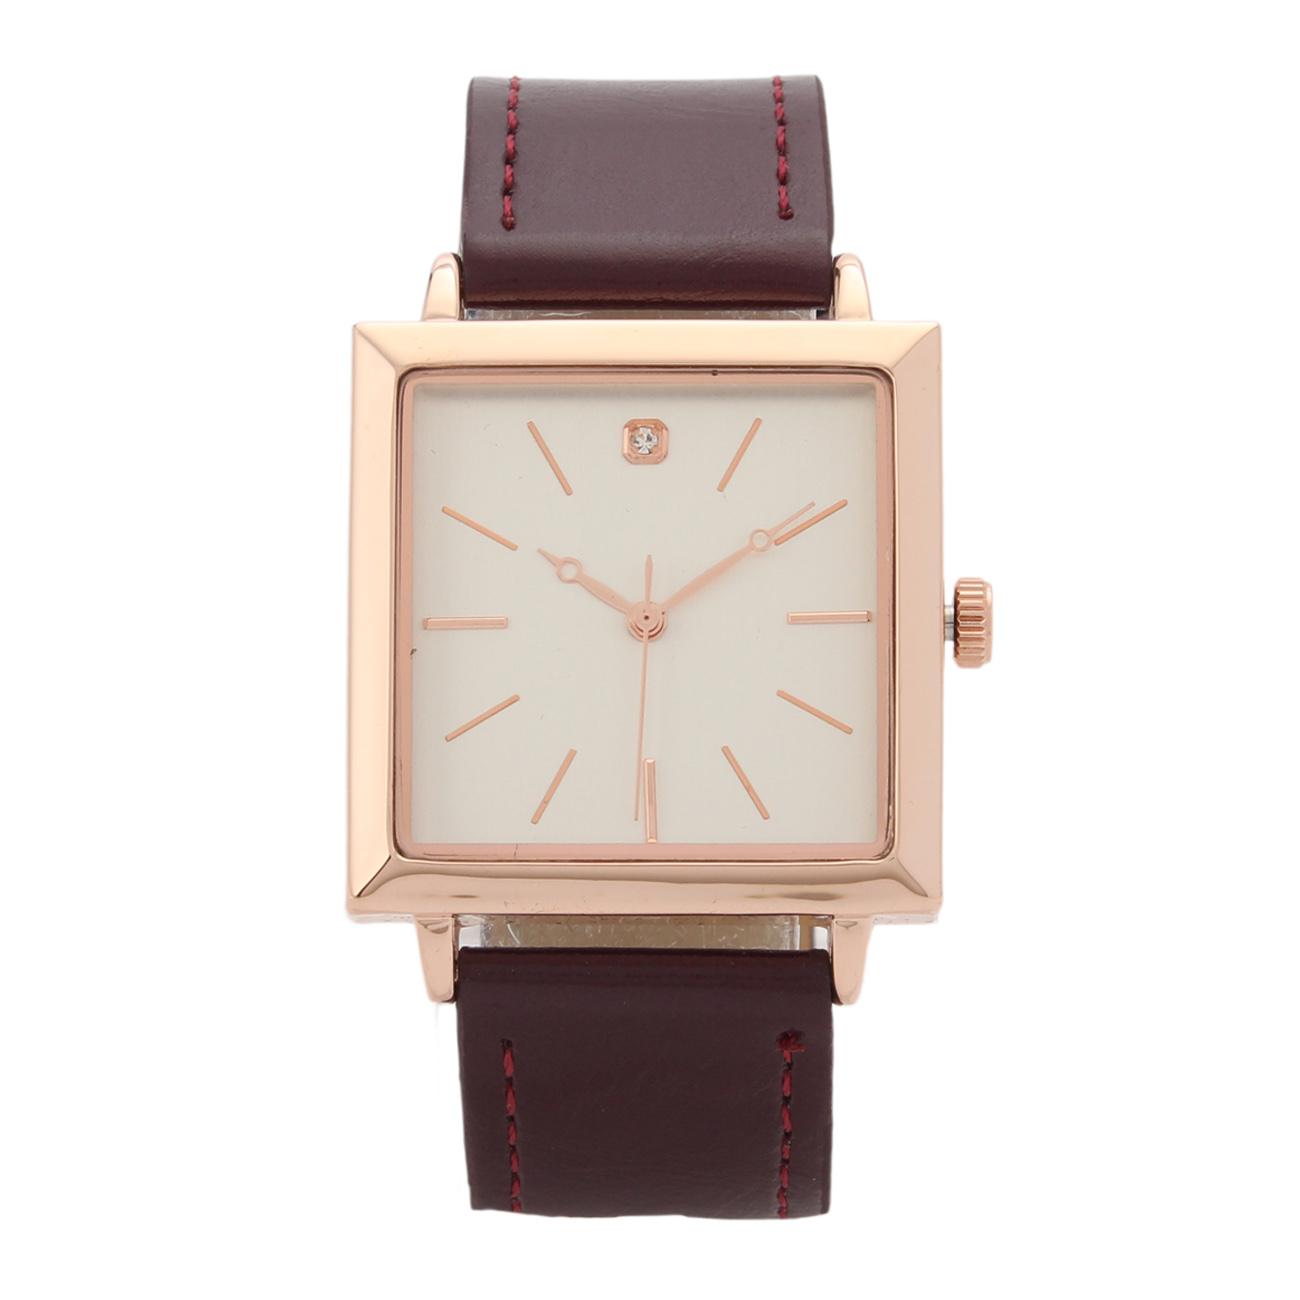 【LOCATION (ロケーション)】スクエアウォッチレディース 雑貨 腕時計 ボルドー